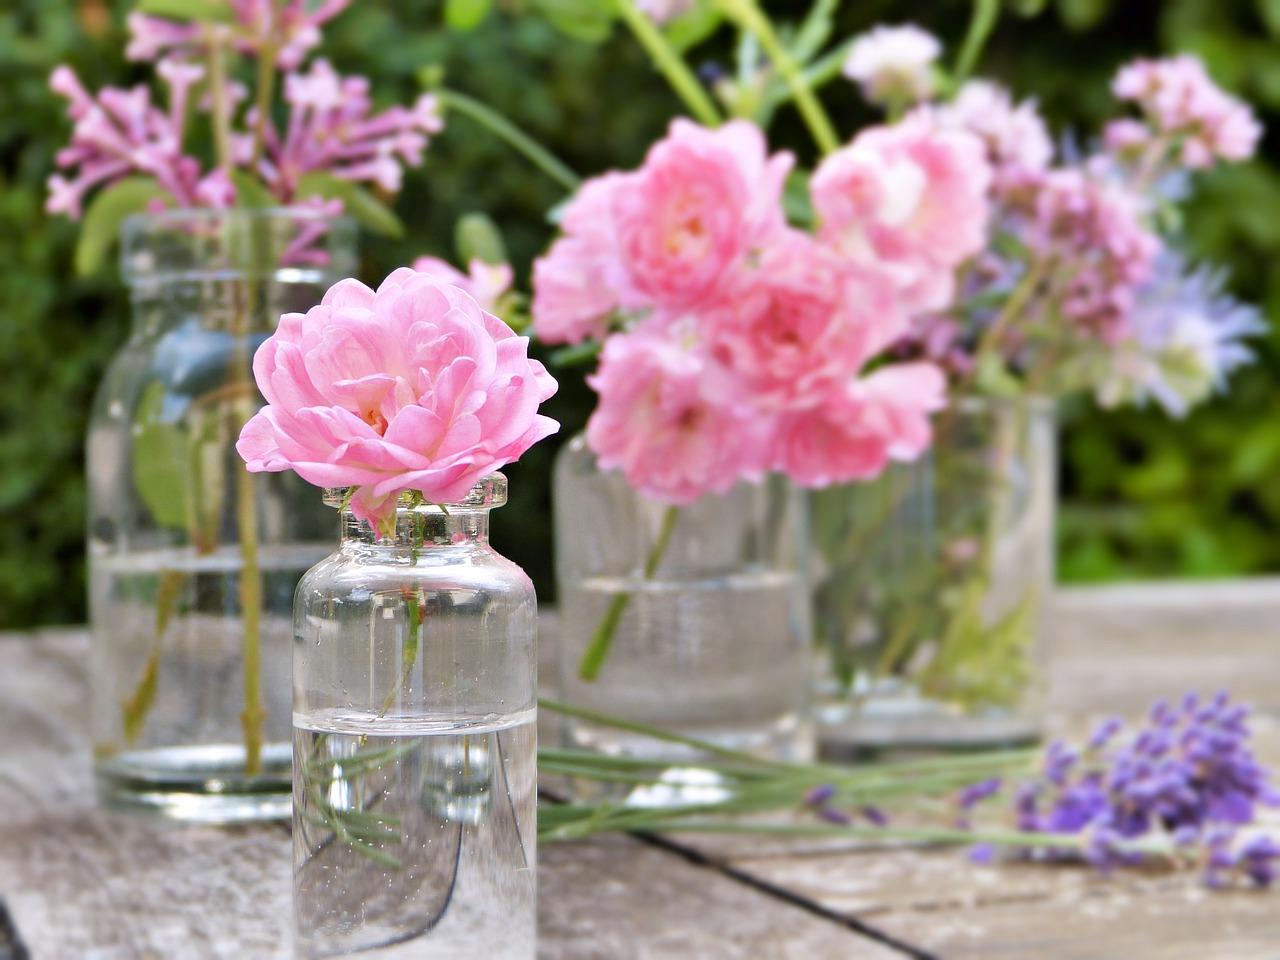 Métodos para emplear el agua de rosas